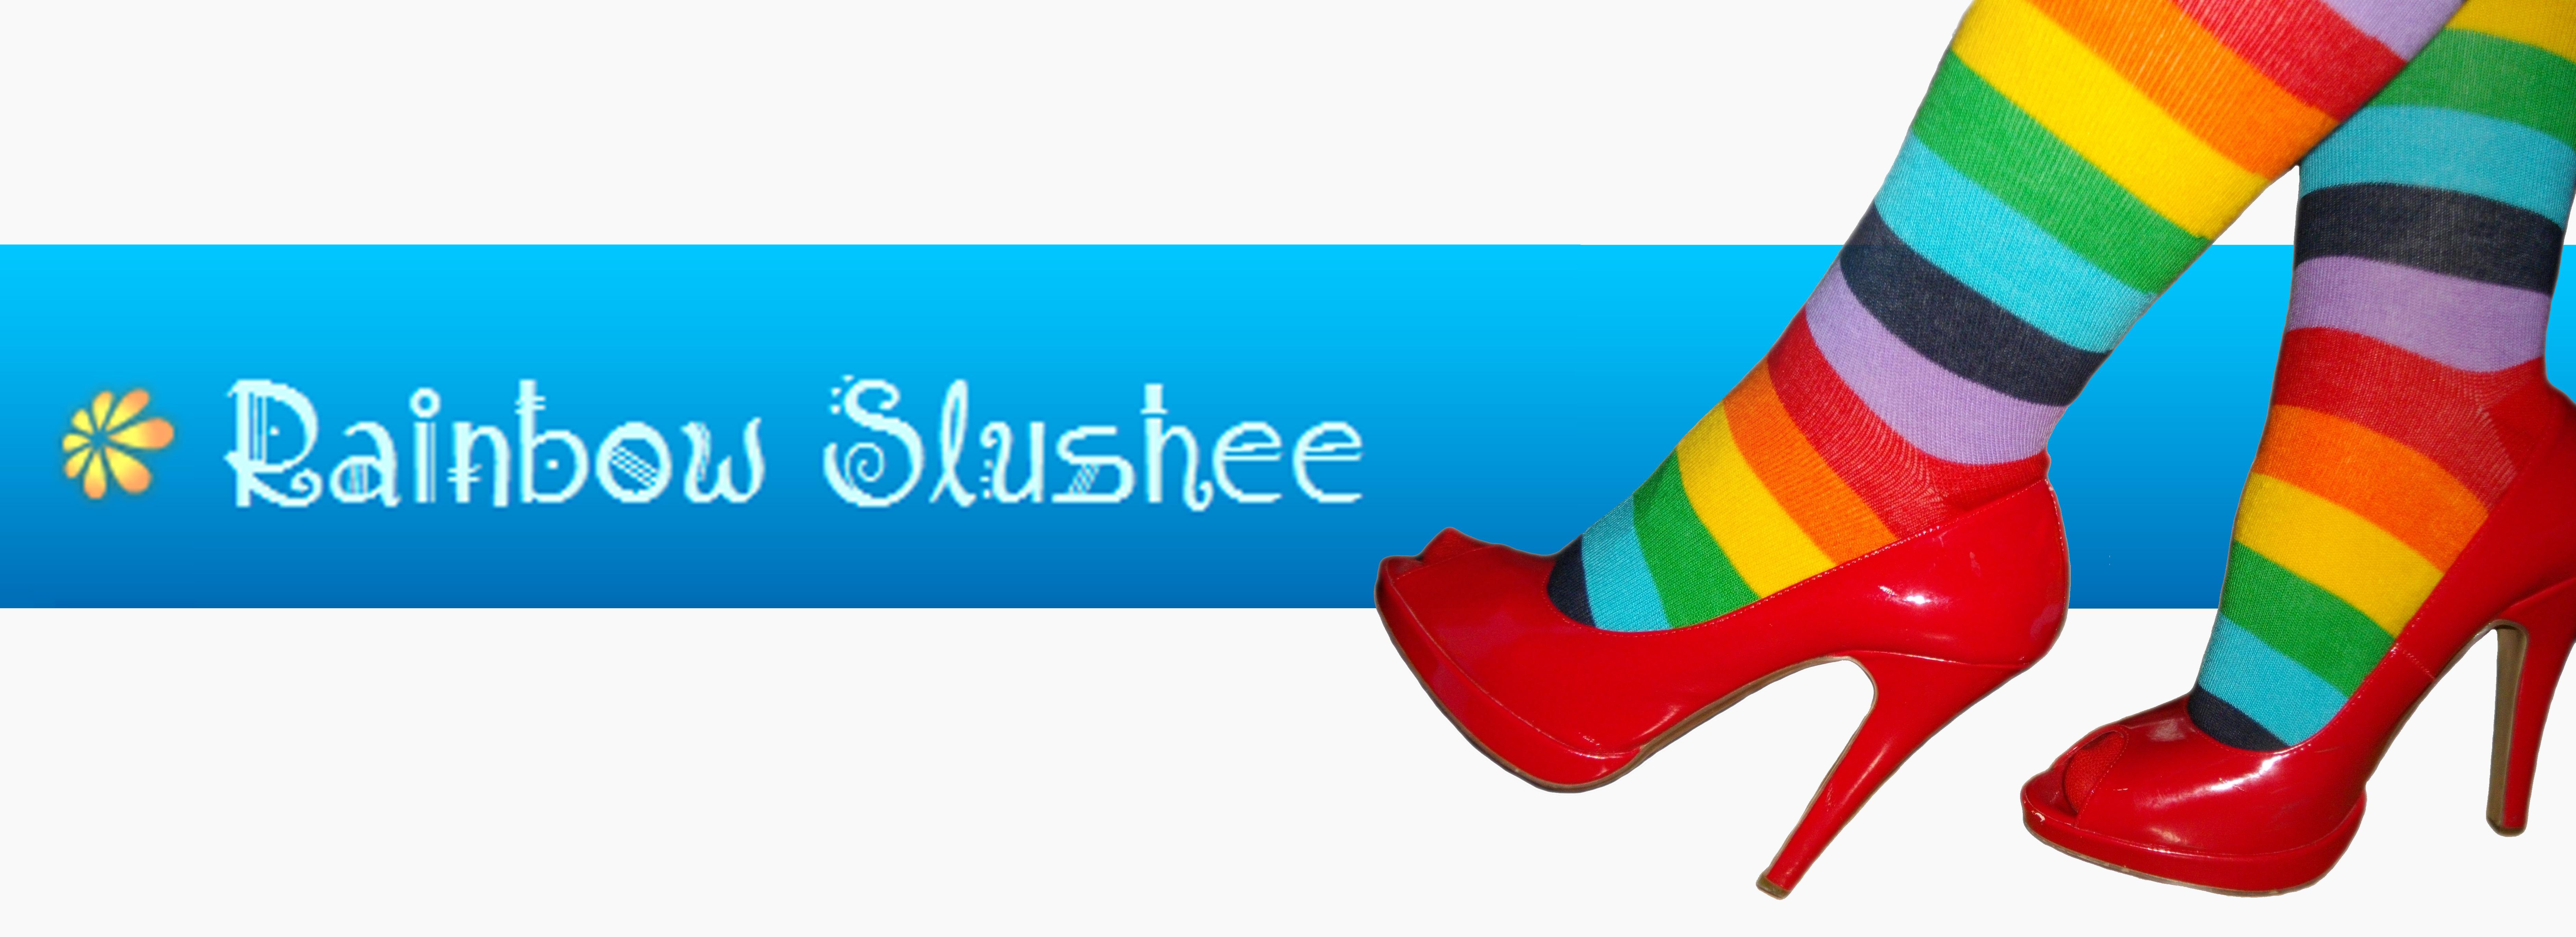 Rainbow Slushee